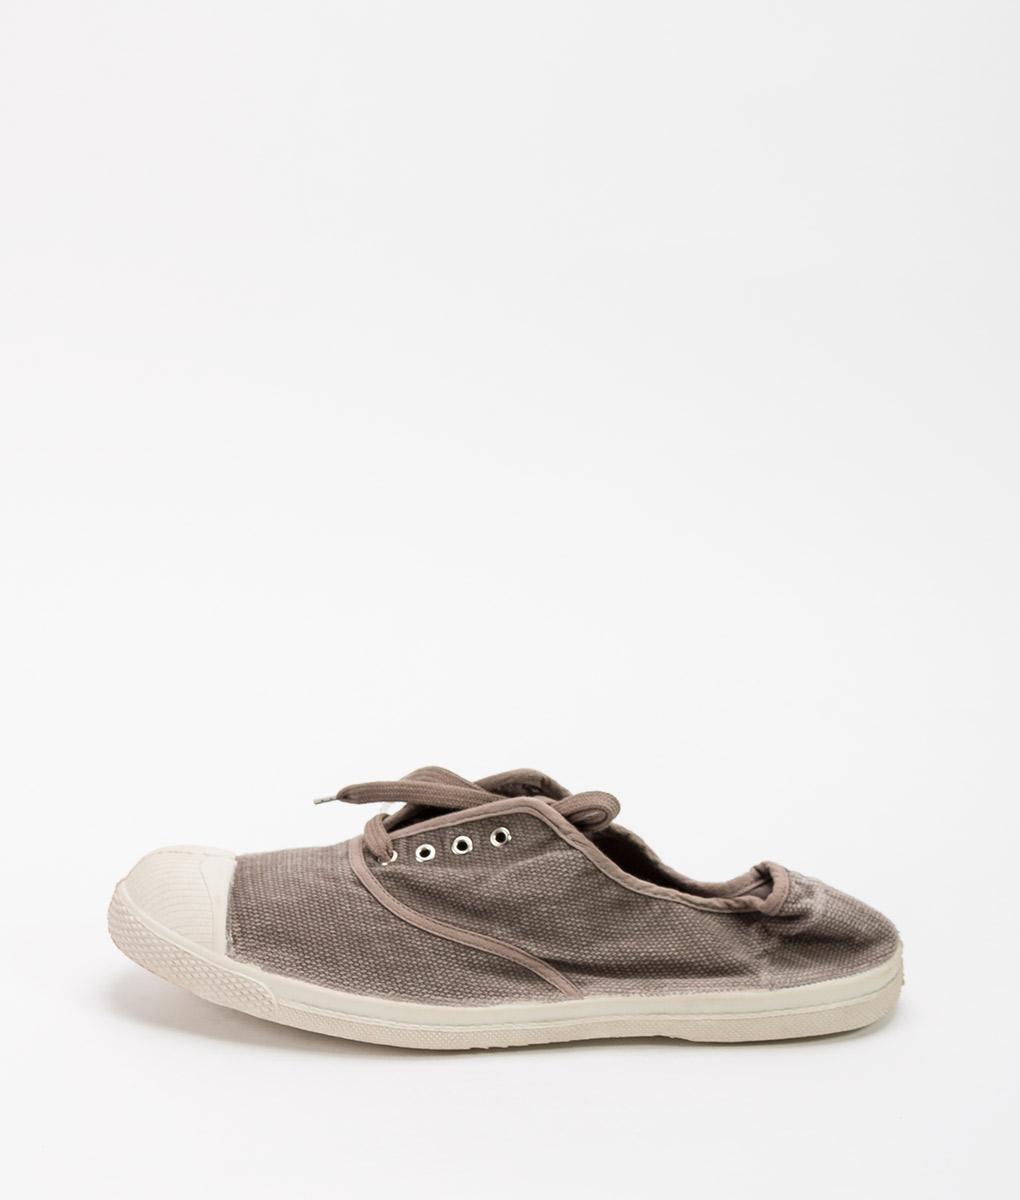 BENSIMON Men Sneakers 15004 VINTAGE TENNIS, Dark Beige 44.99 1